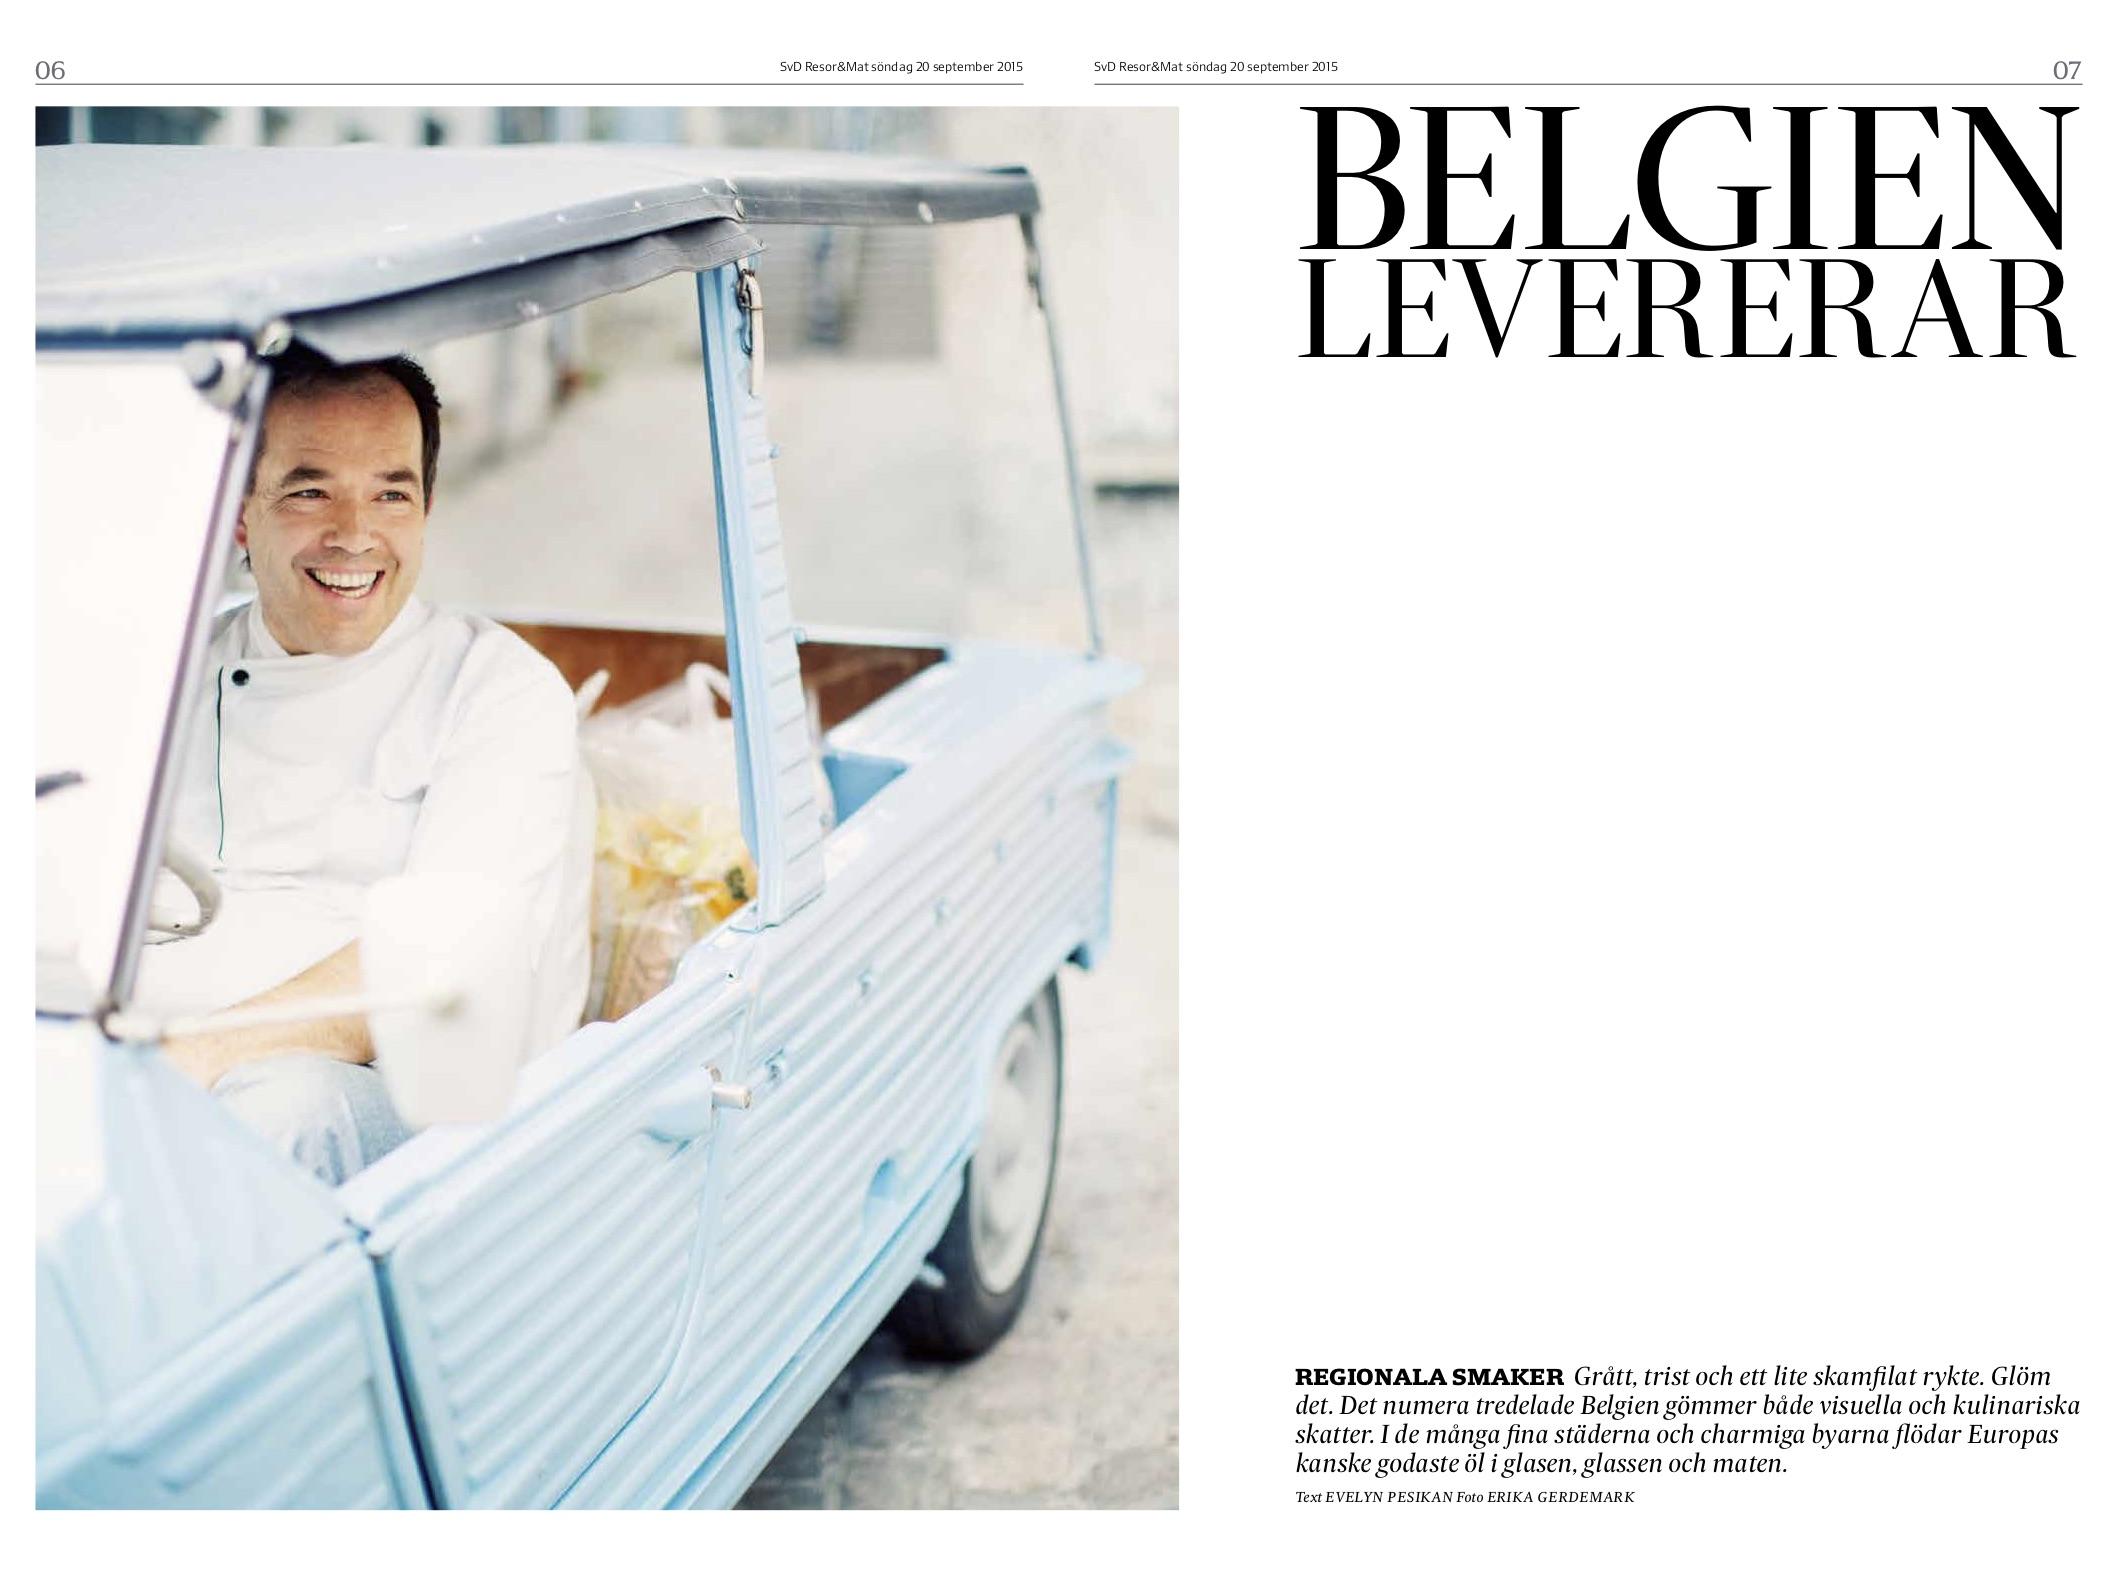 Belgien - Svenska Dagbladet